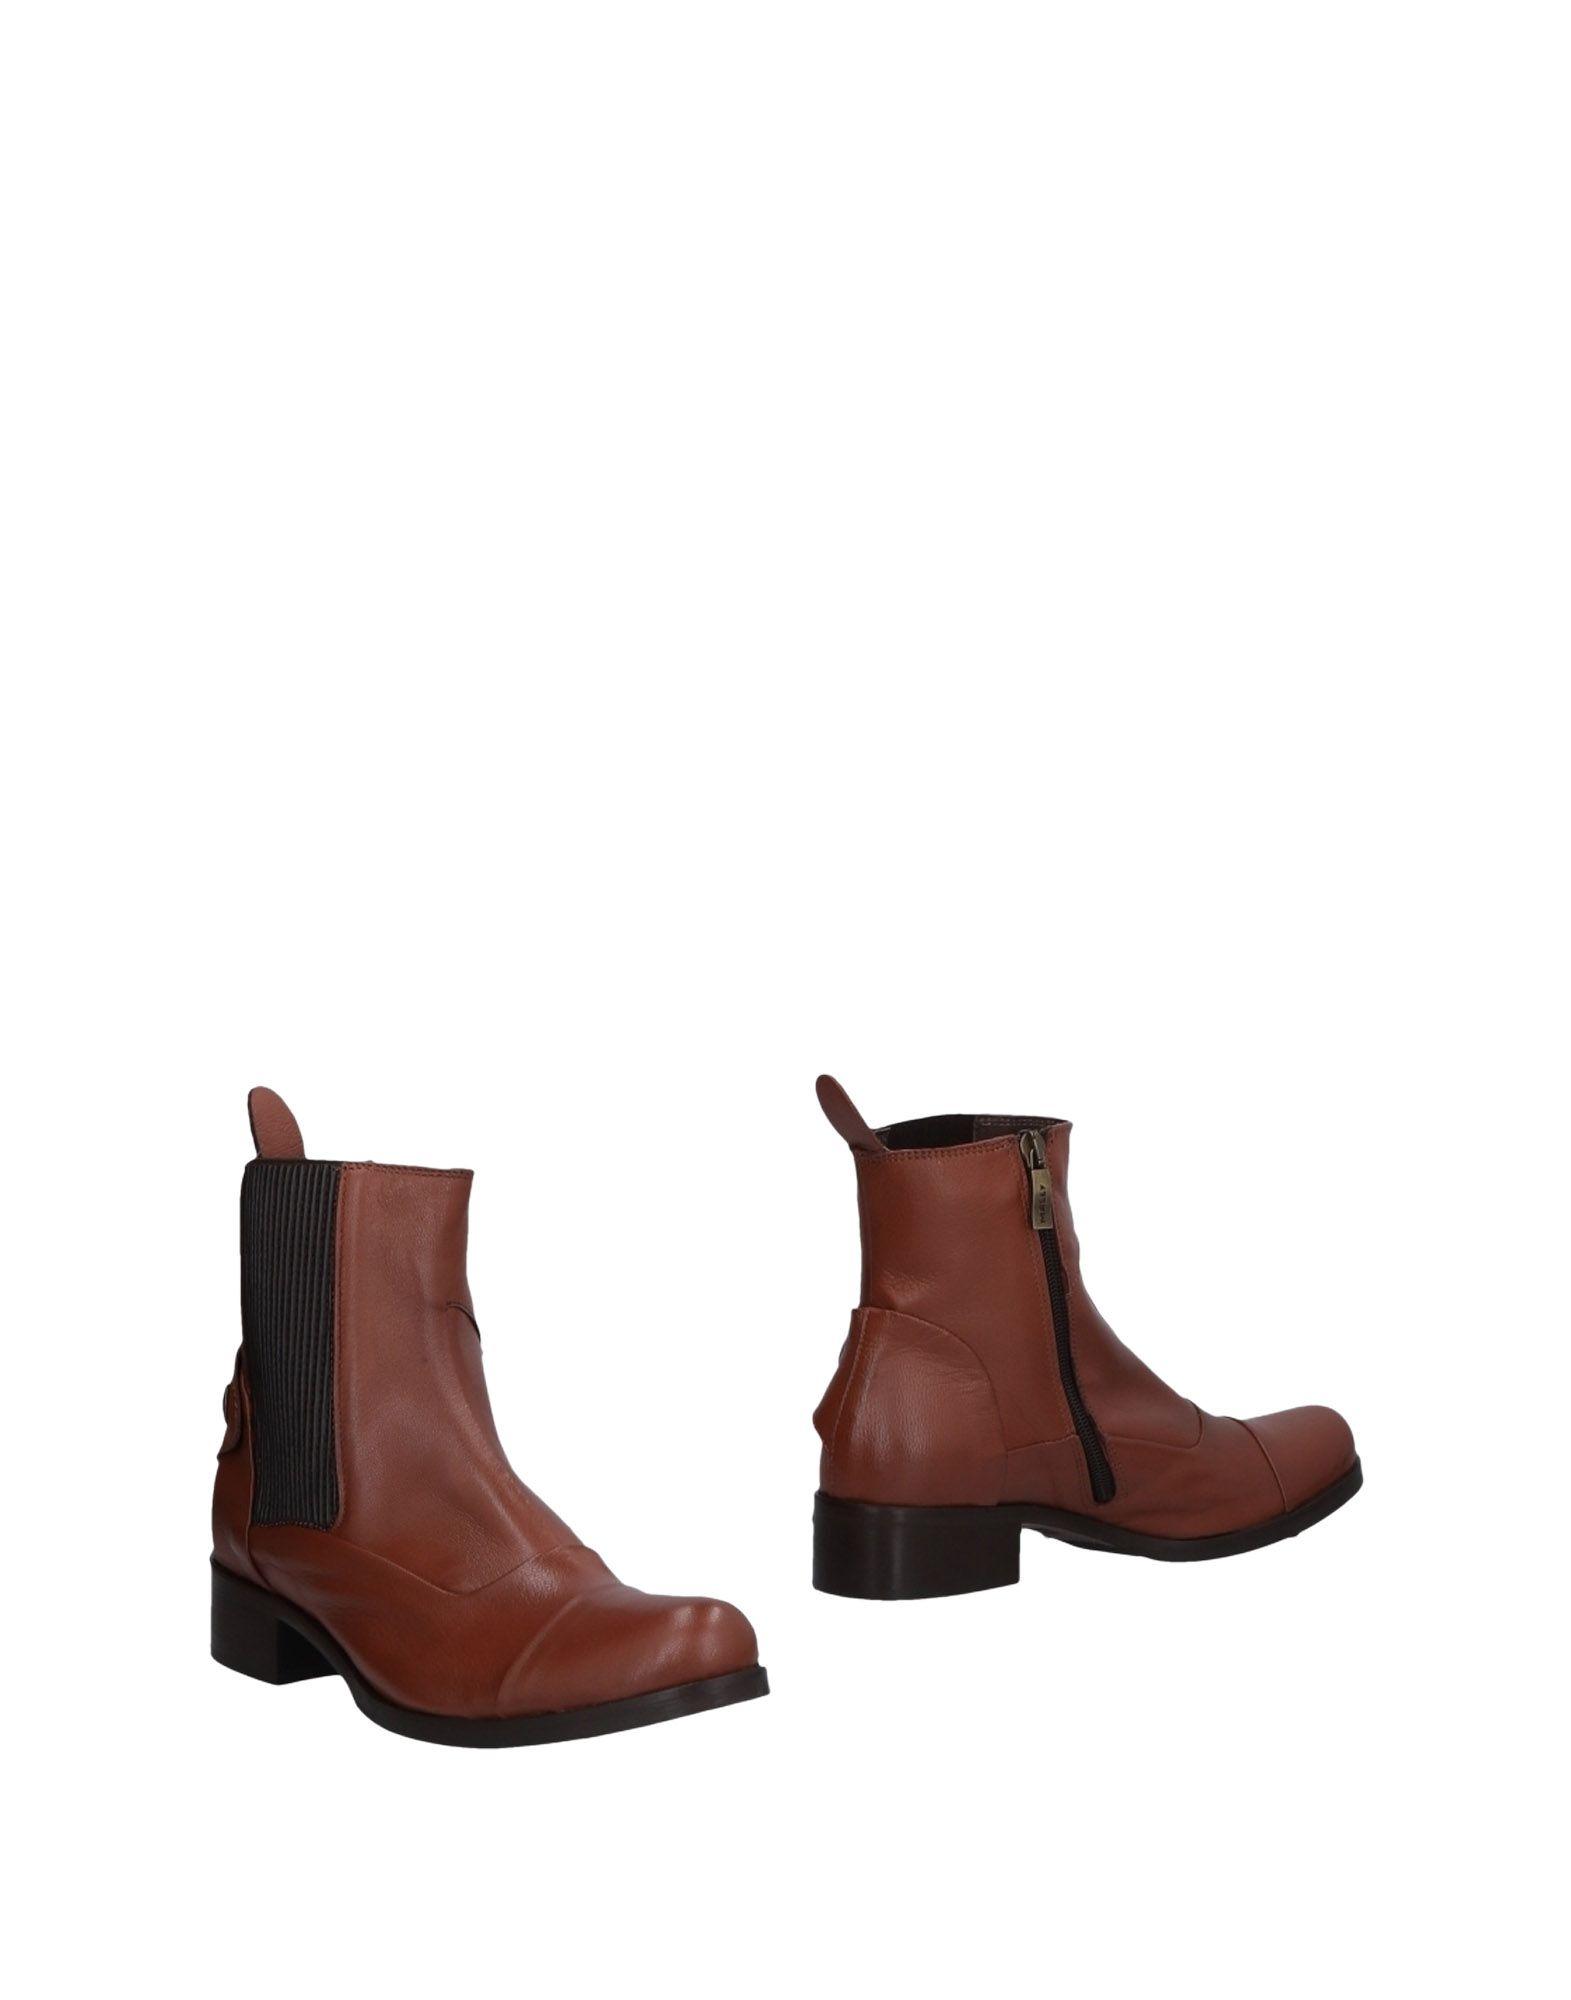 Bottillons Mally Femme - Bottillons Mally Marron Dernières chaussures discount pour hommes et femmes